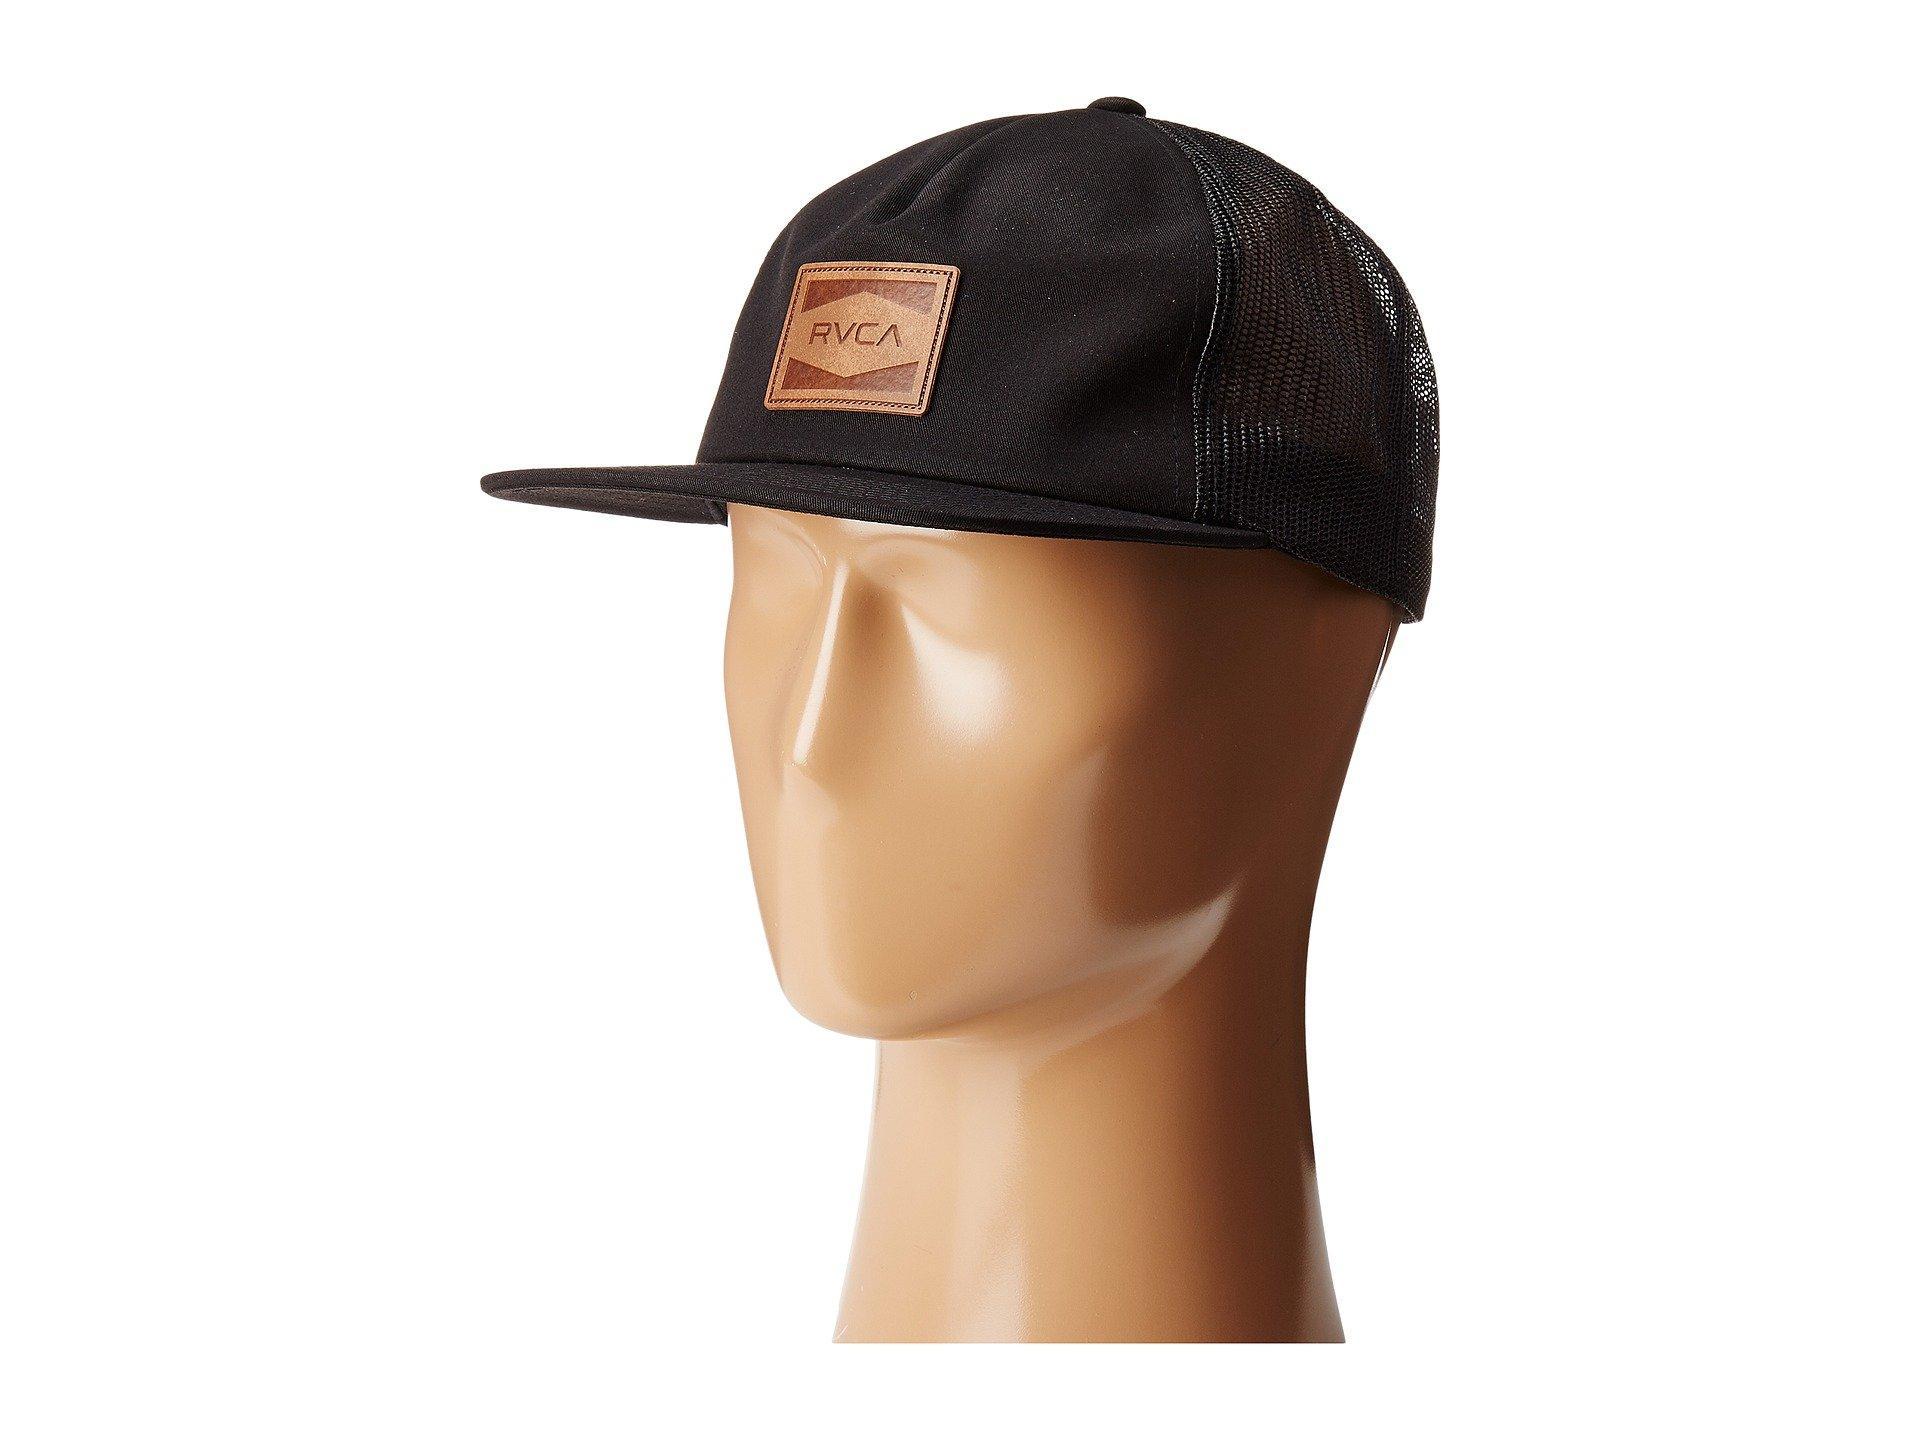 Rvca Washburn Trucker Hat In Black